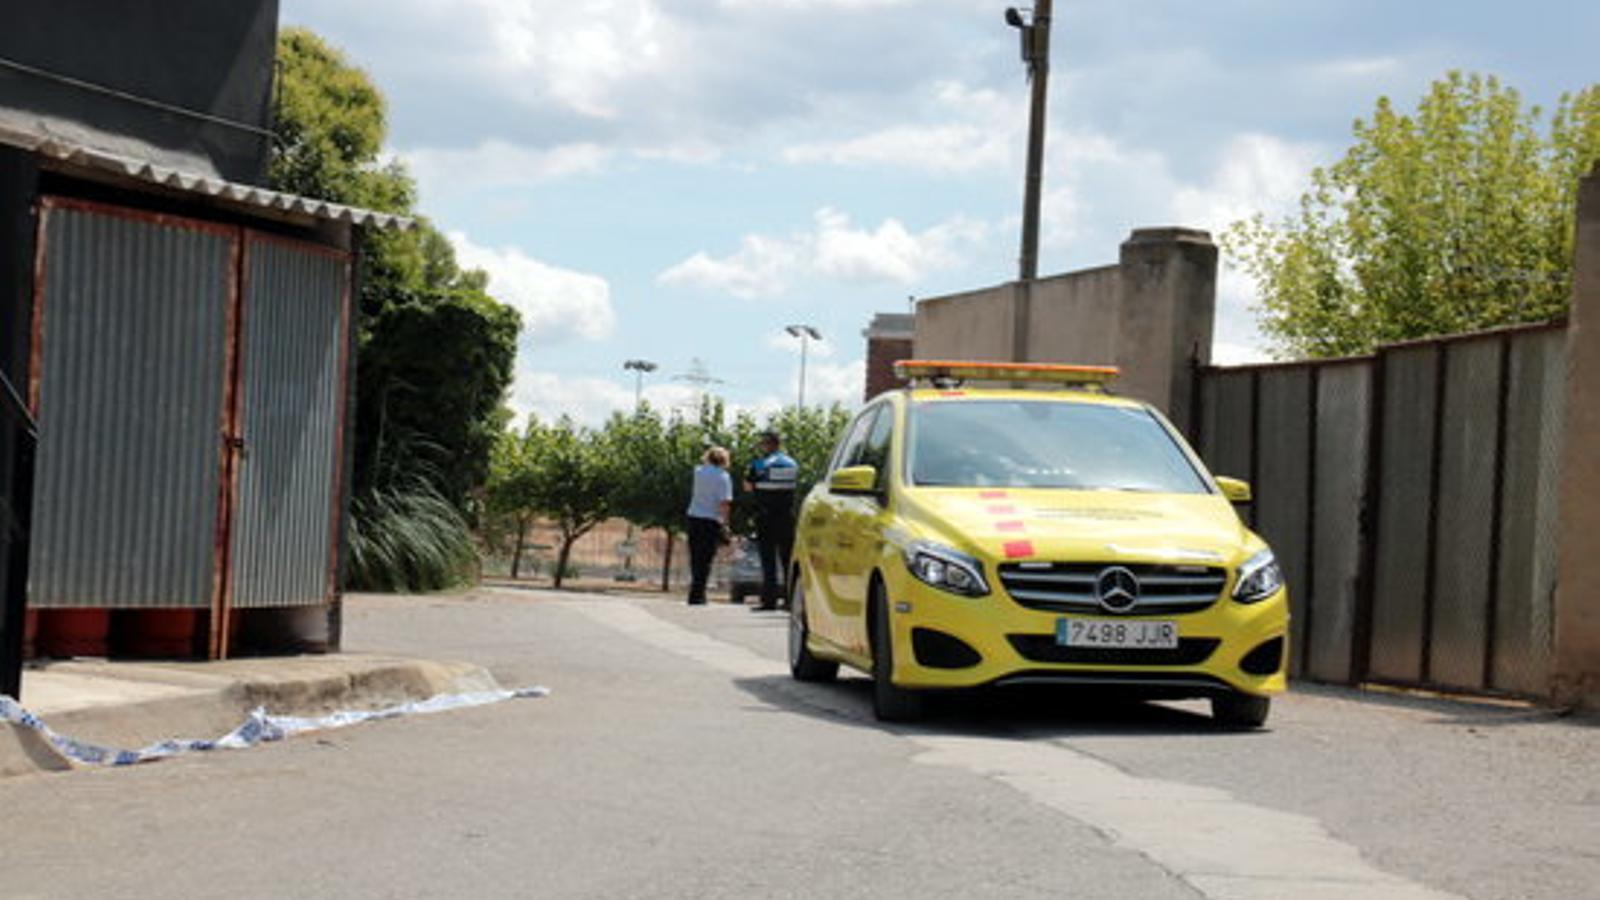 Un vehicle del SEM abandonant les instal·lacions del Club Tennis les Borges Blanques, el 16 d'agost del 2018